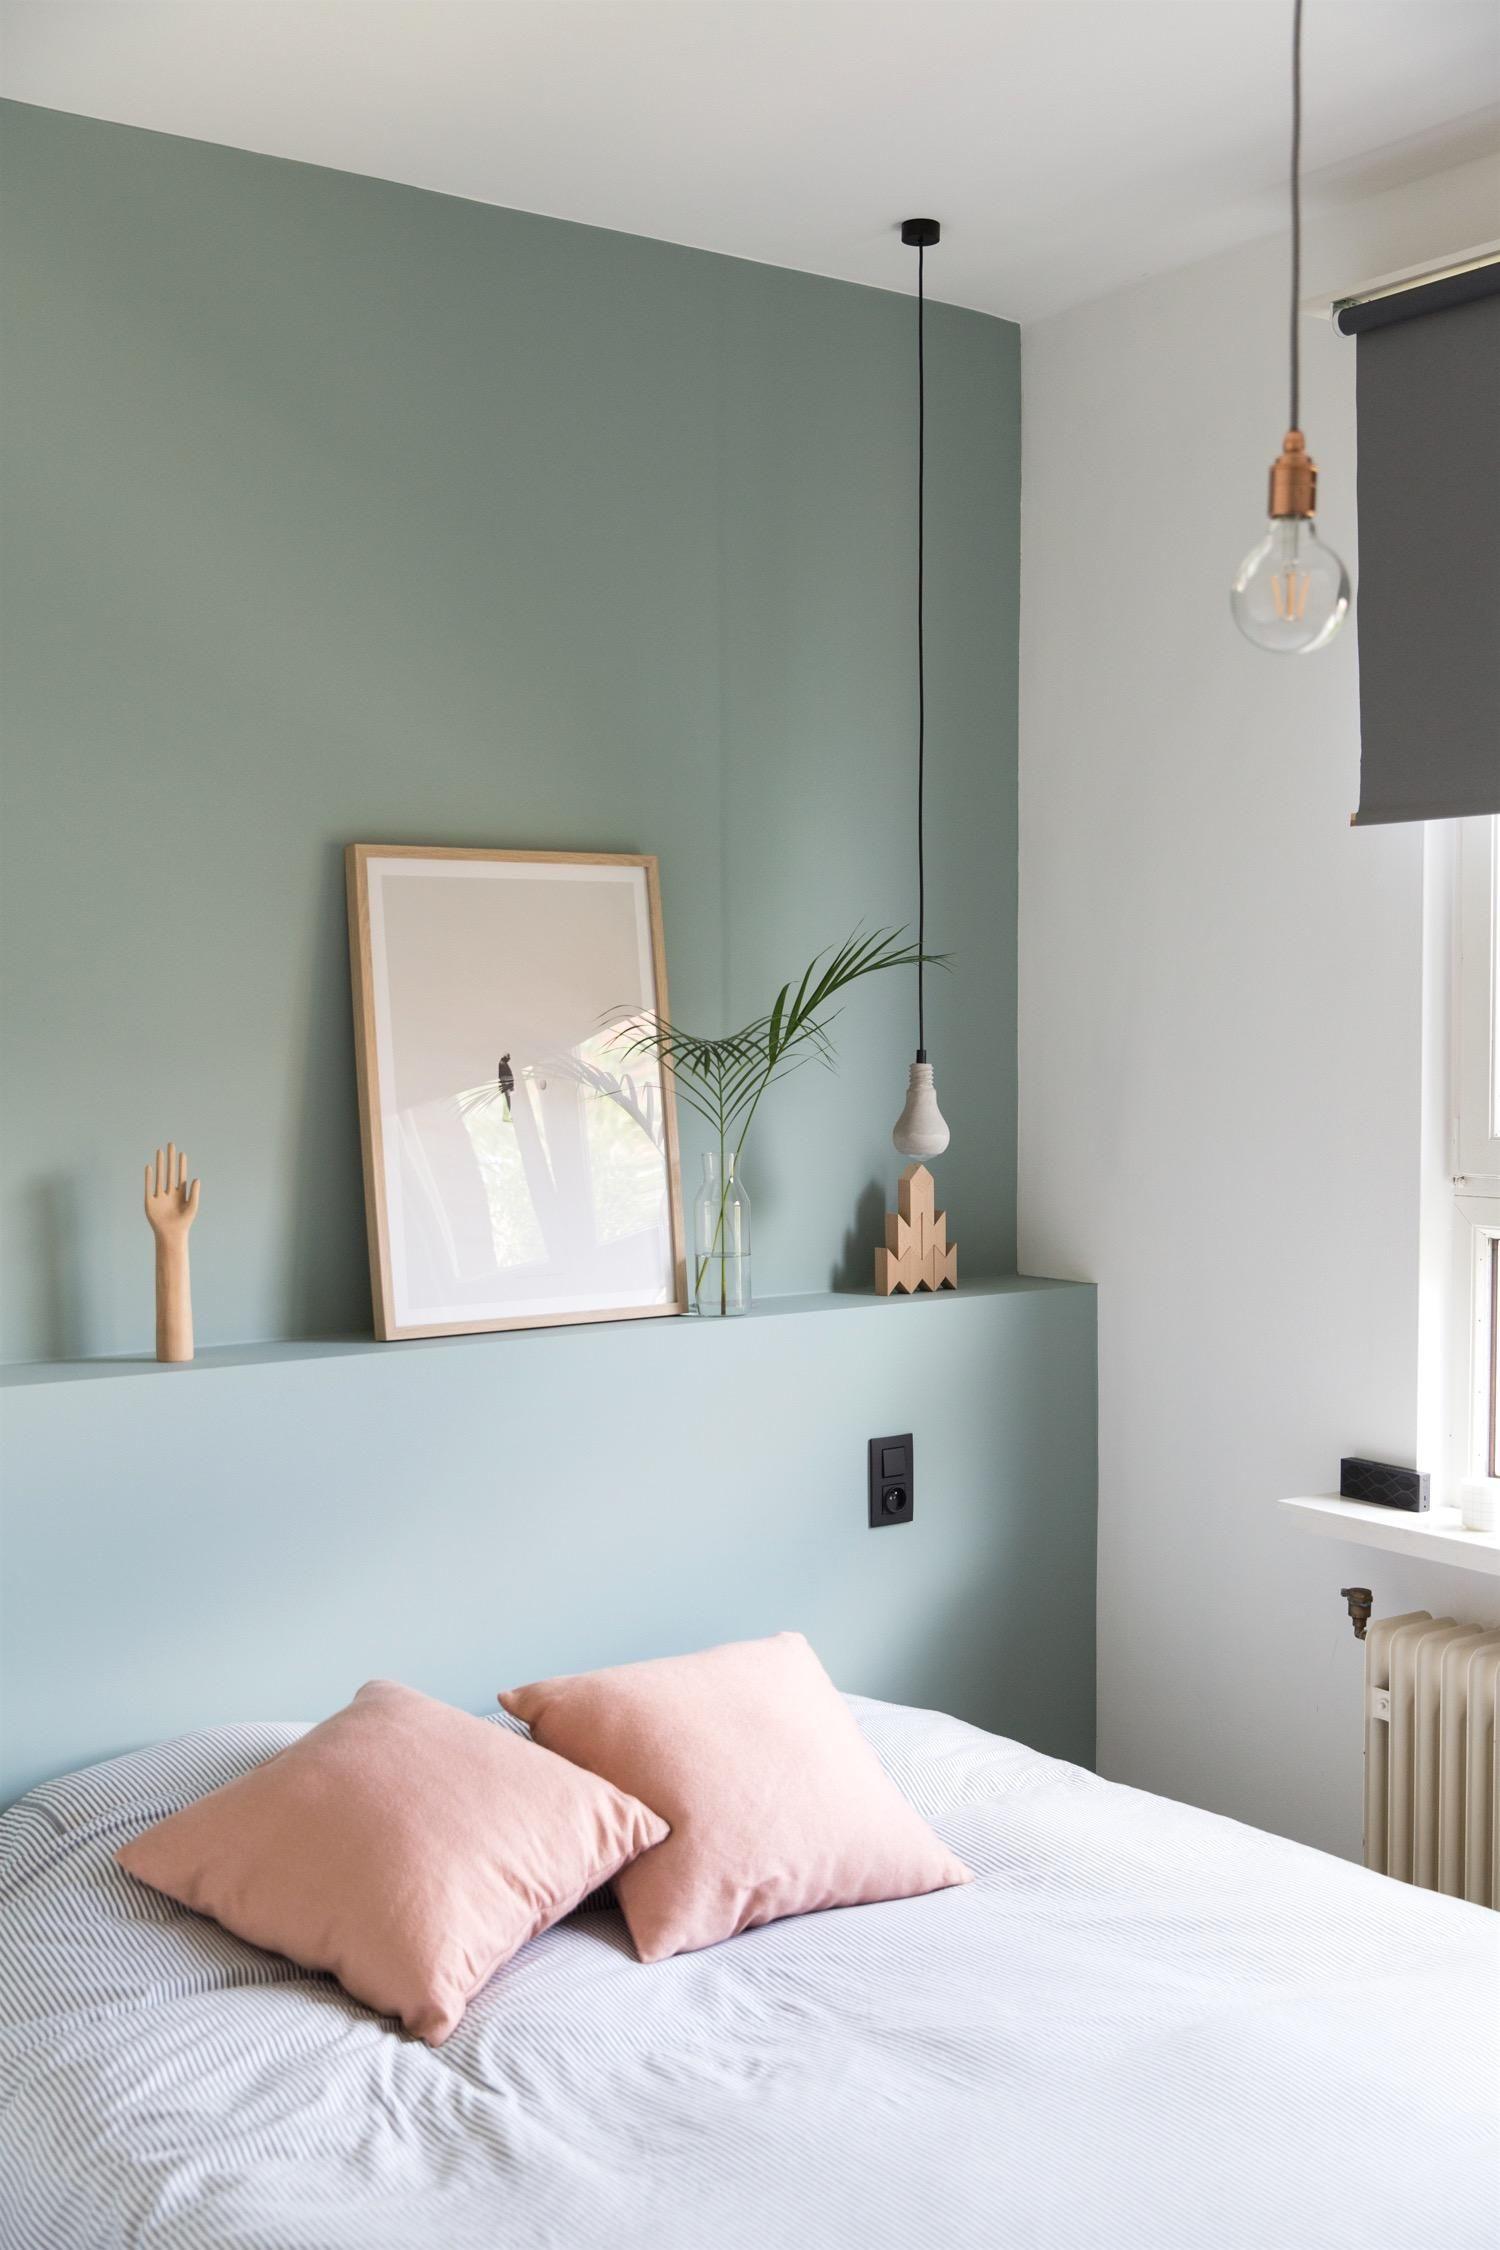 Les Couleurs Des Chambres 2018 peinture: 10 couleurs qui seront tendance en 2018 | idée